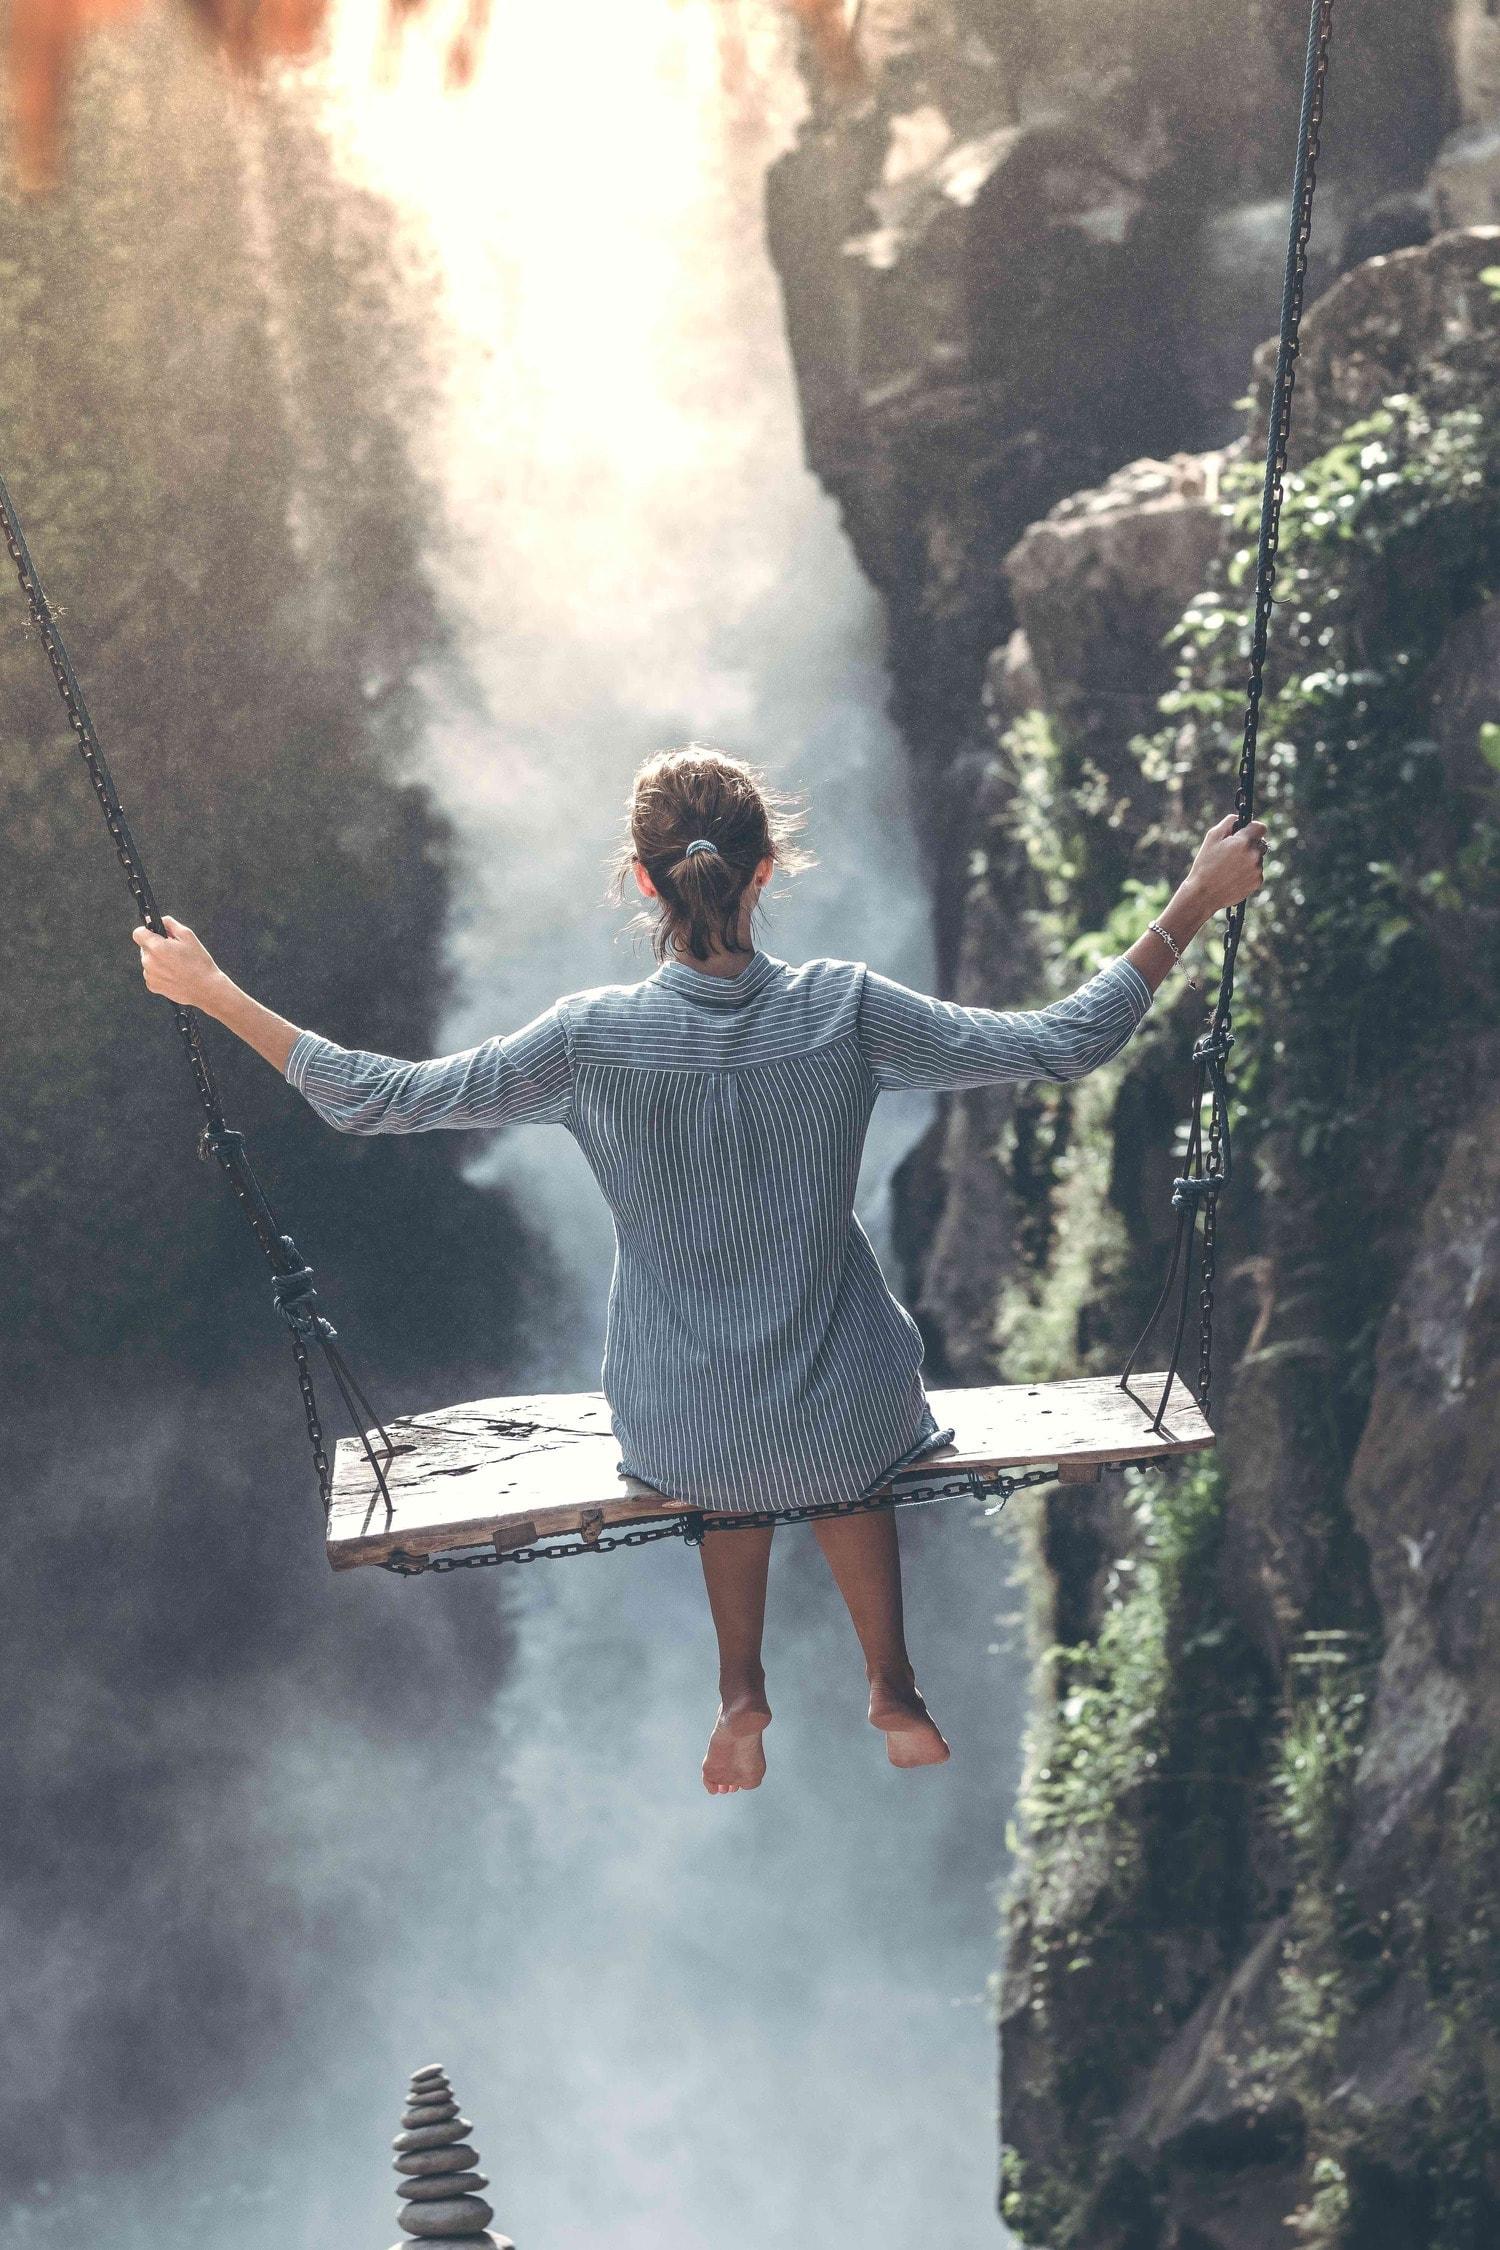 Mujer columpiándose sobre cascada, fotografía con alma